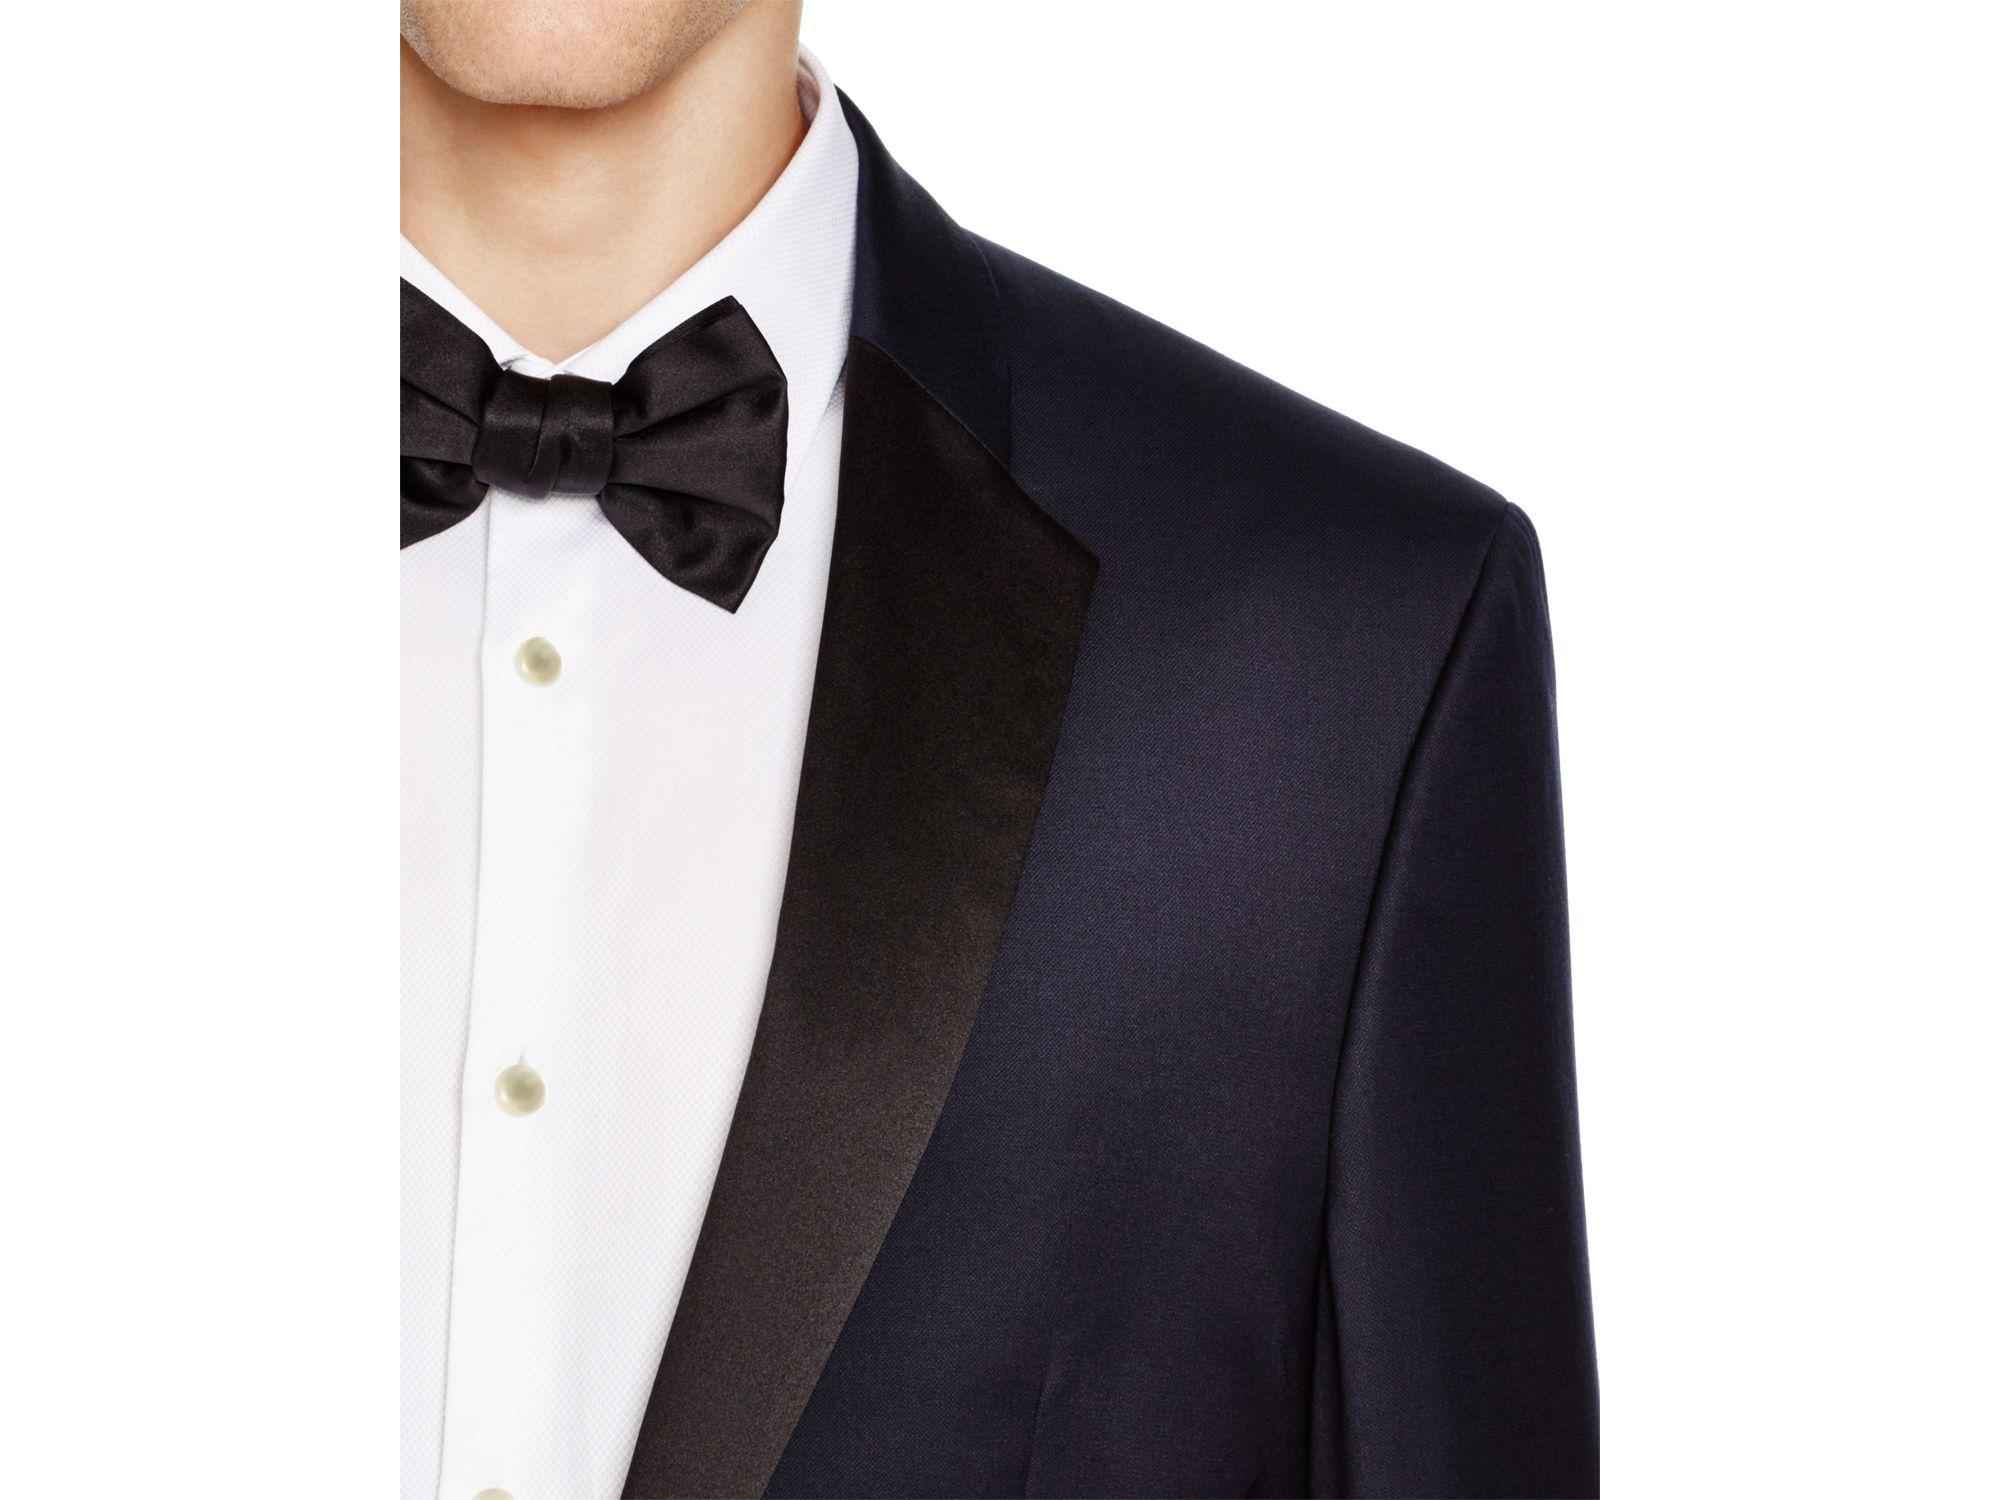 1bef84aea Hugo Boss Blue Velvet Dinner Jacket - Image Of Jacket